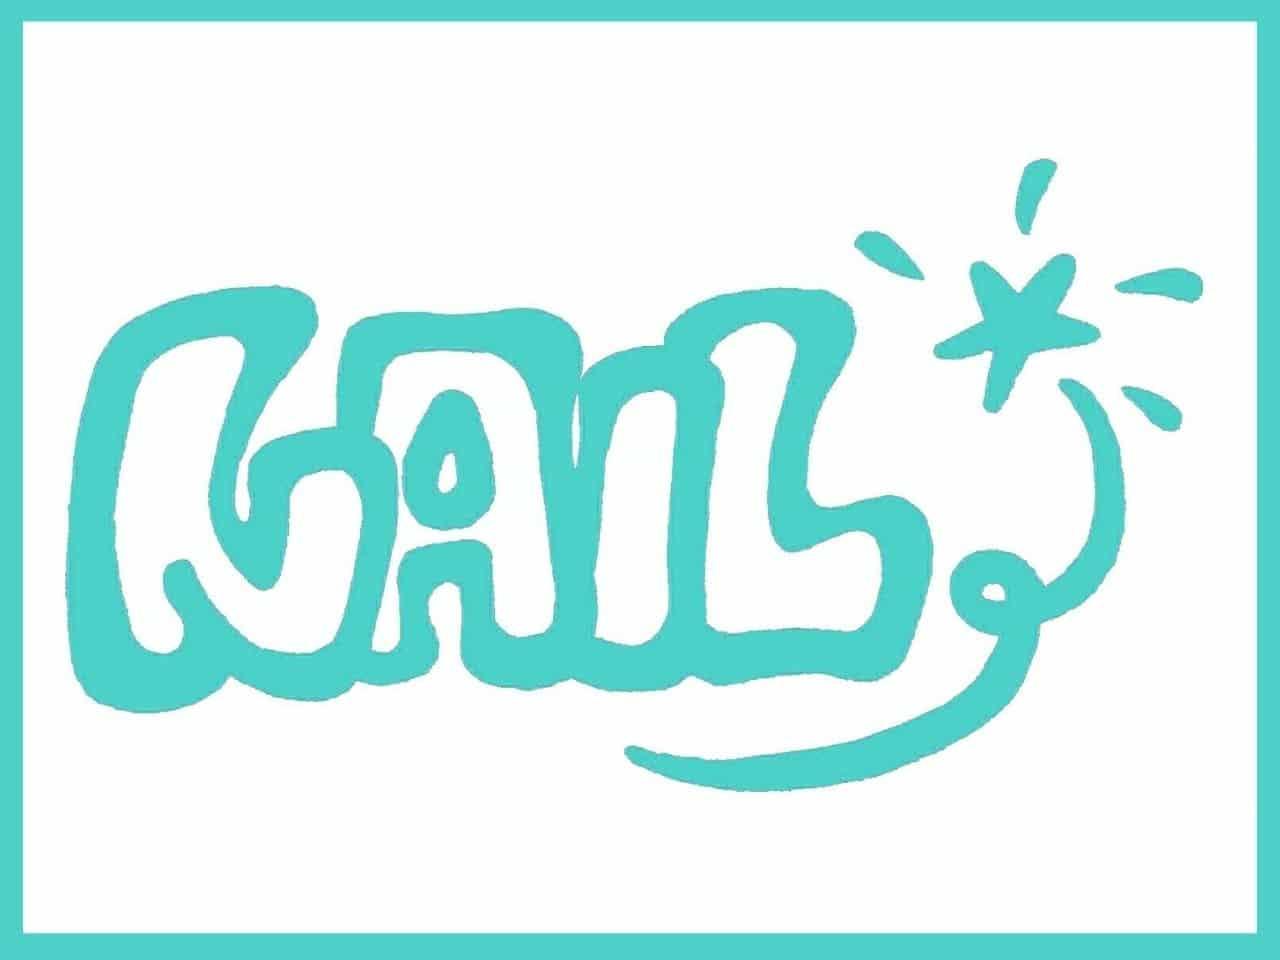 NAILの文字